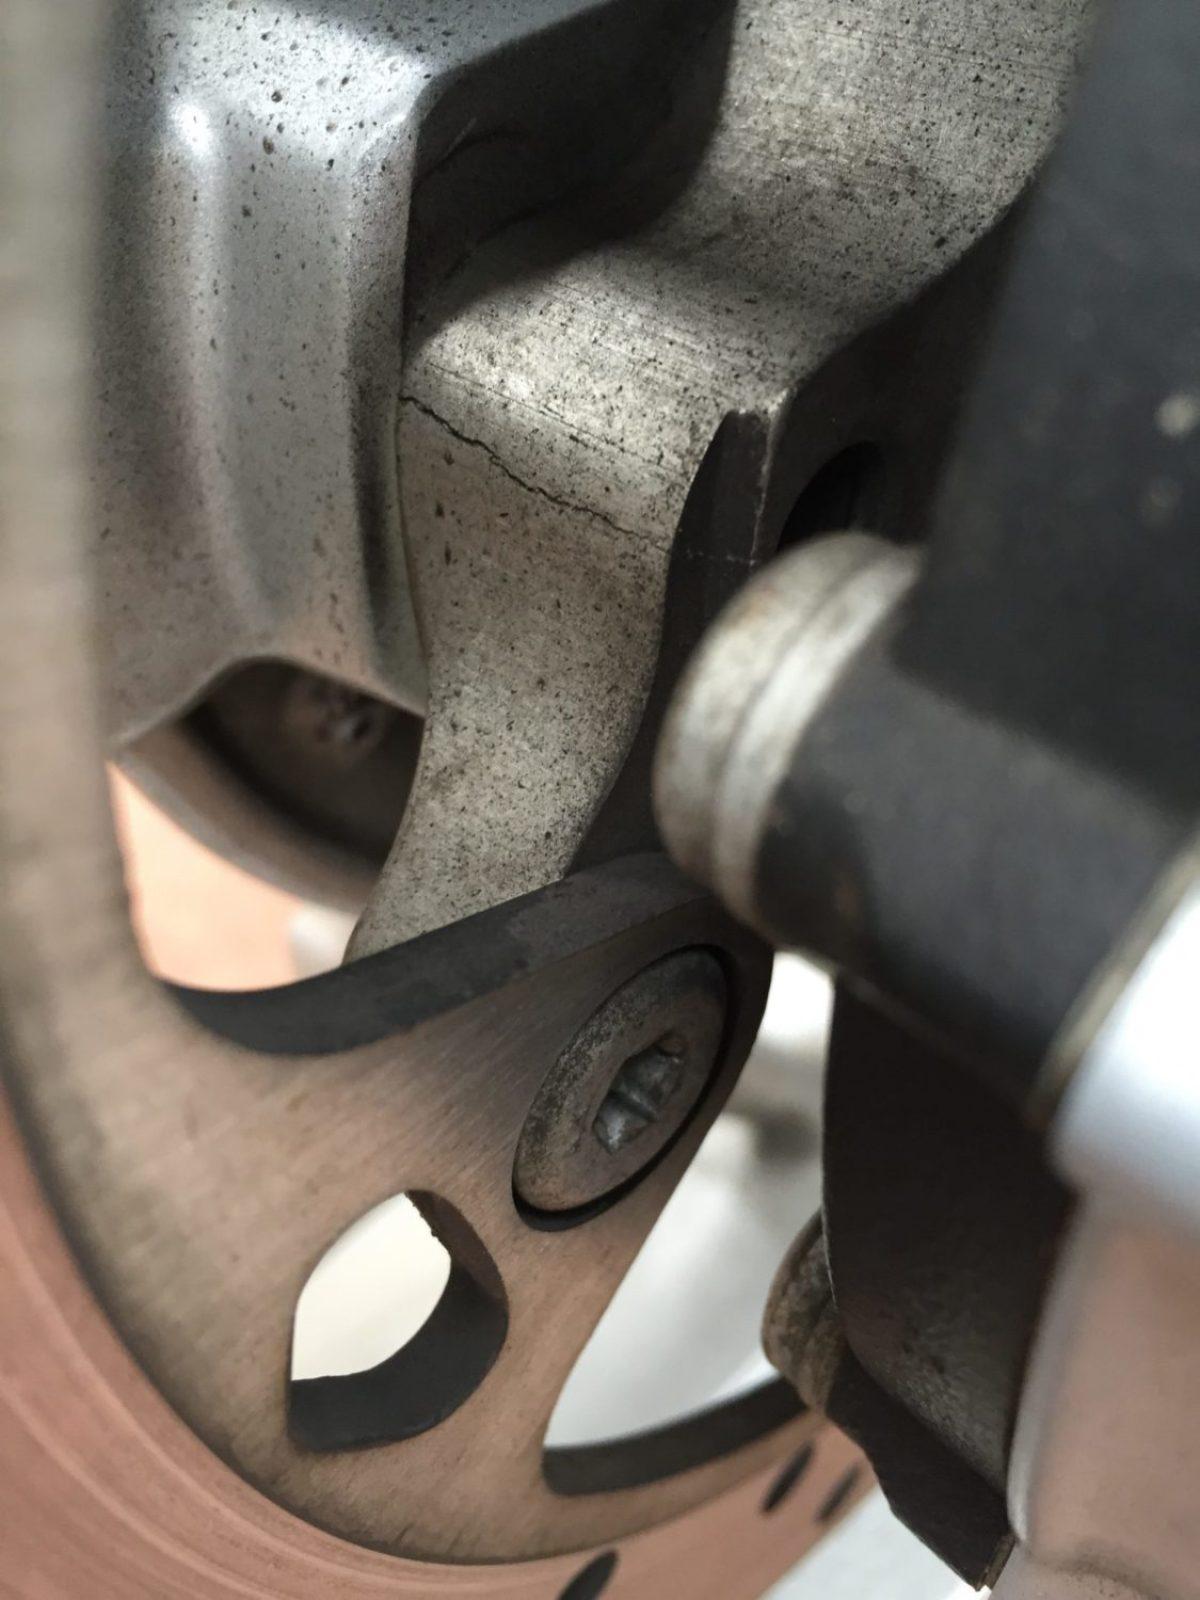 BMW R1200R problems